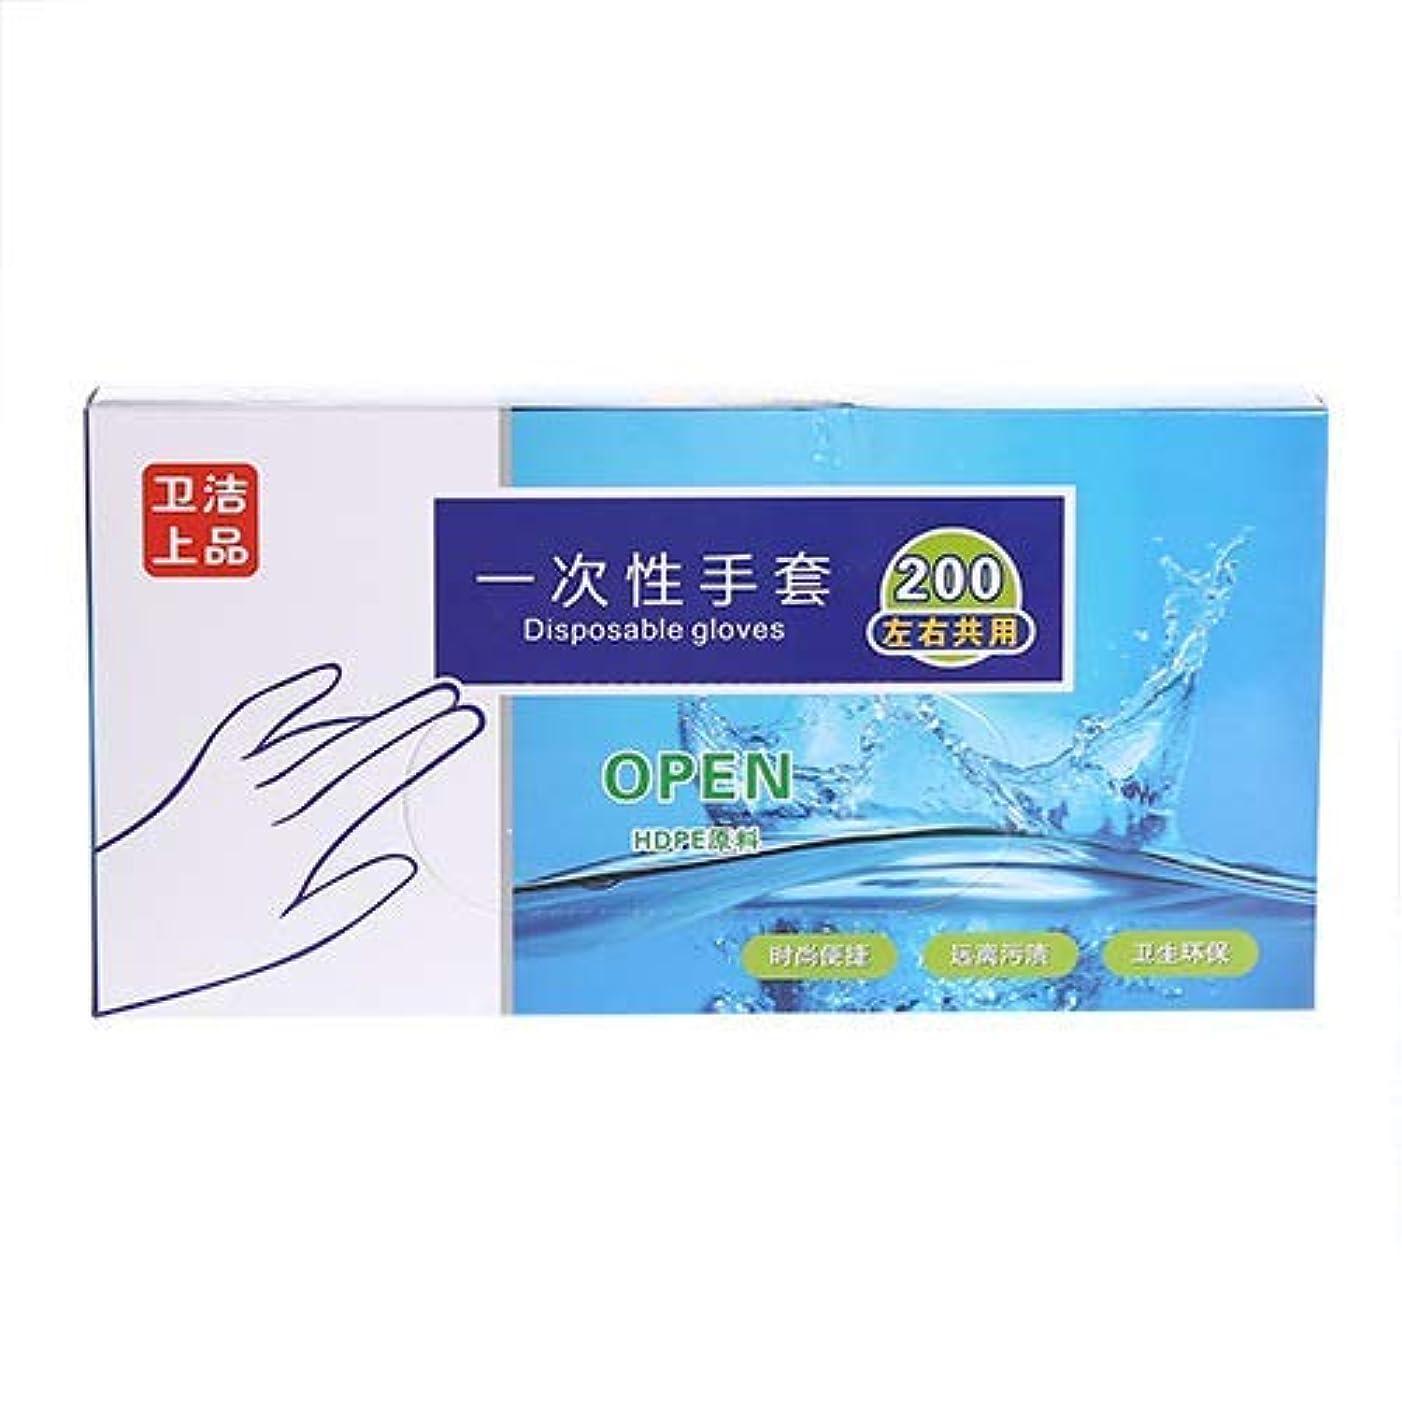 規定ピザシダ使い捨て手袋 ニトリルグローブ ホワイト 粉なし 100枚入り /200枚入り